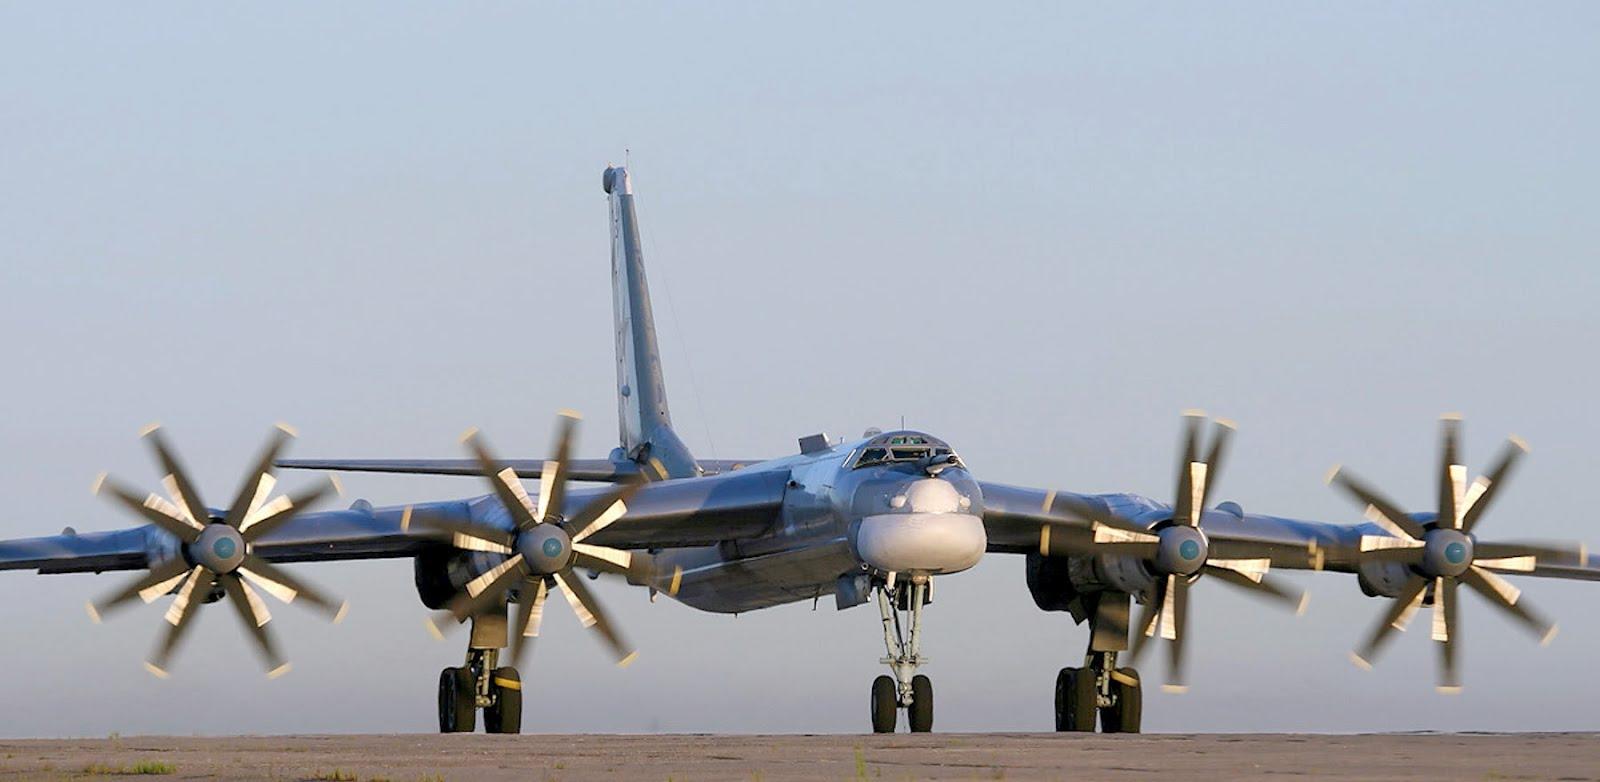 """OTAN identifica manobras aéreas """"incomuns"""" e de """"grande escala"""" de aviões militares da Rússia"""